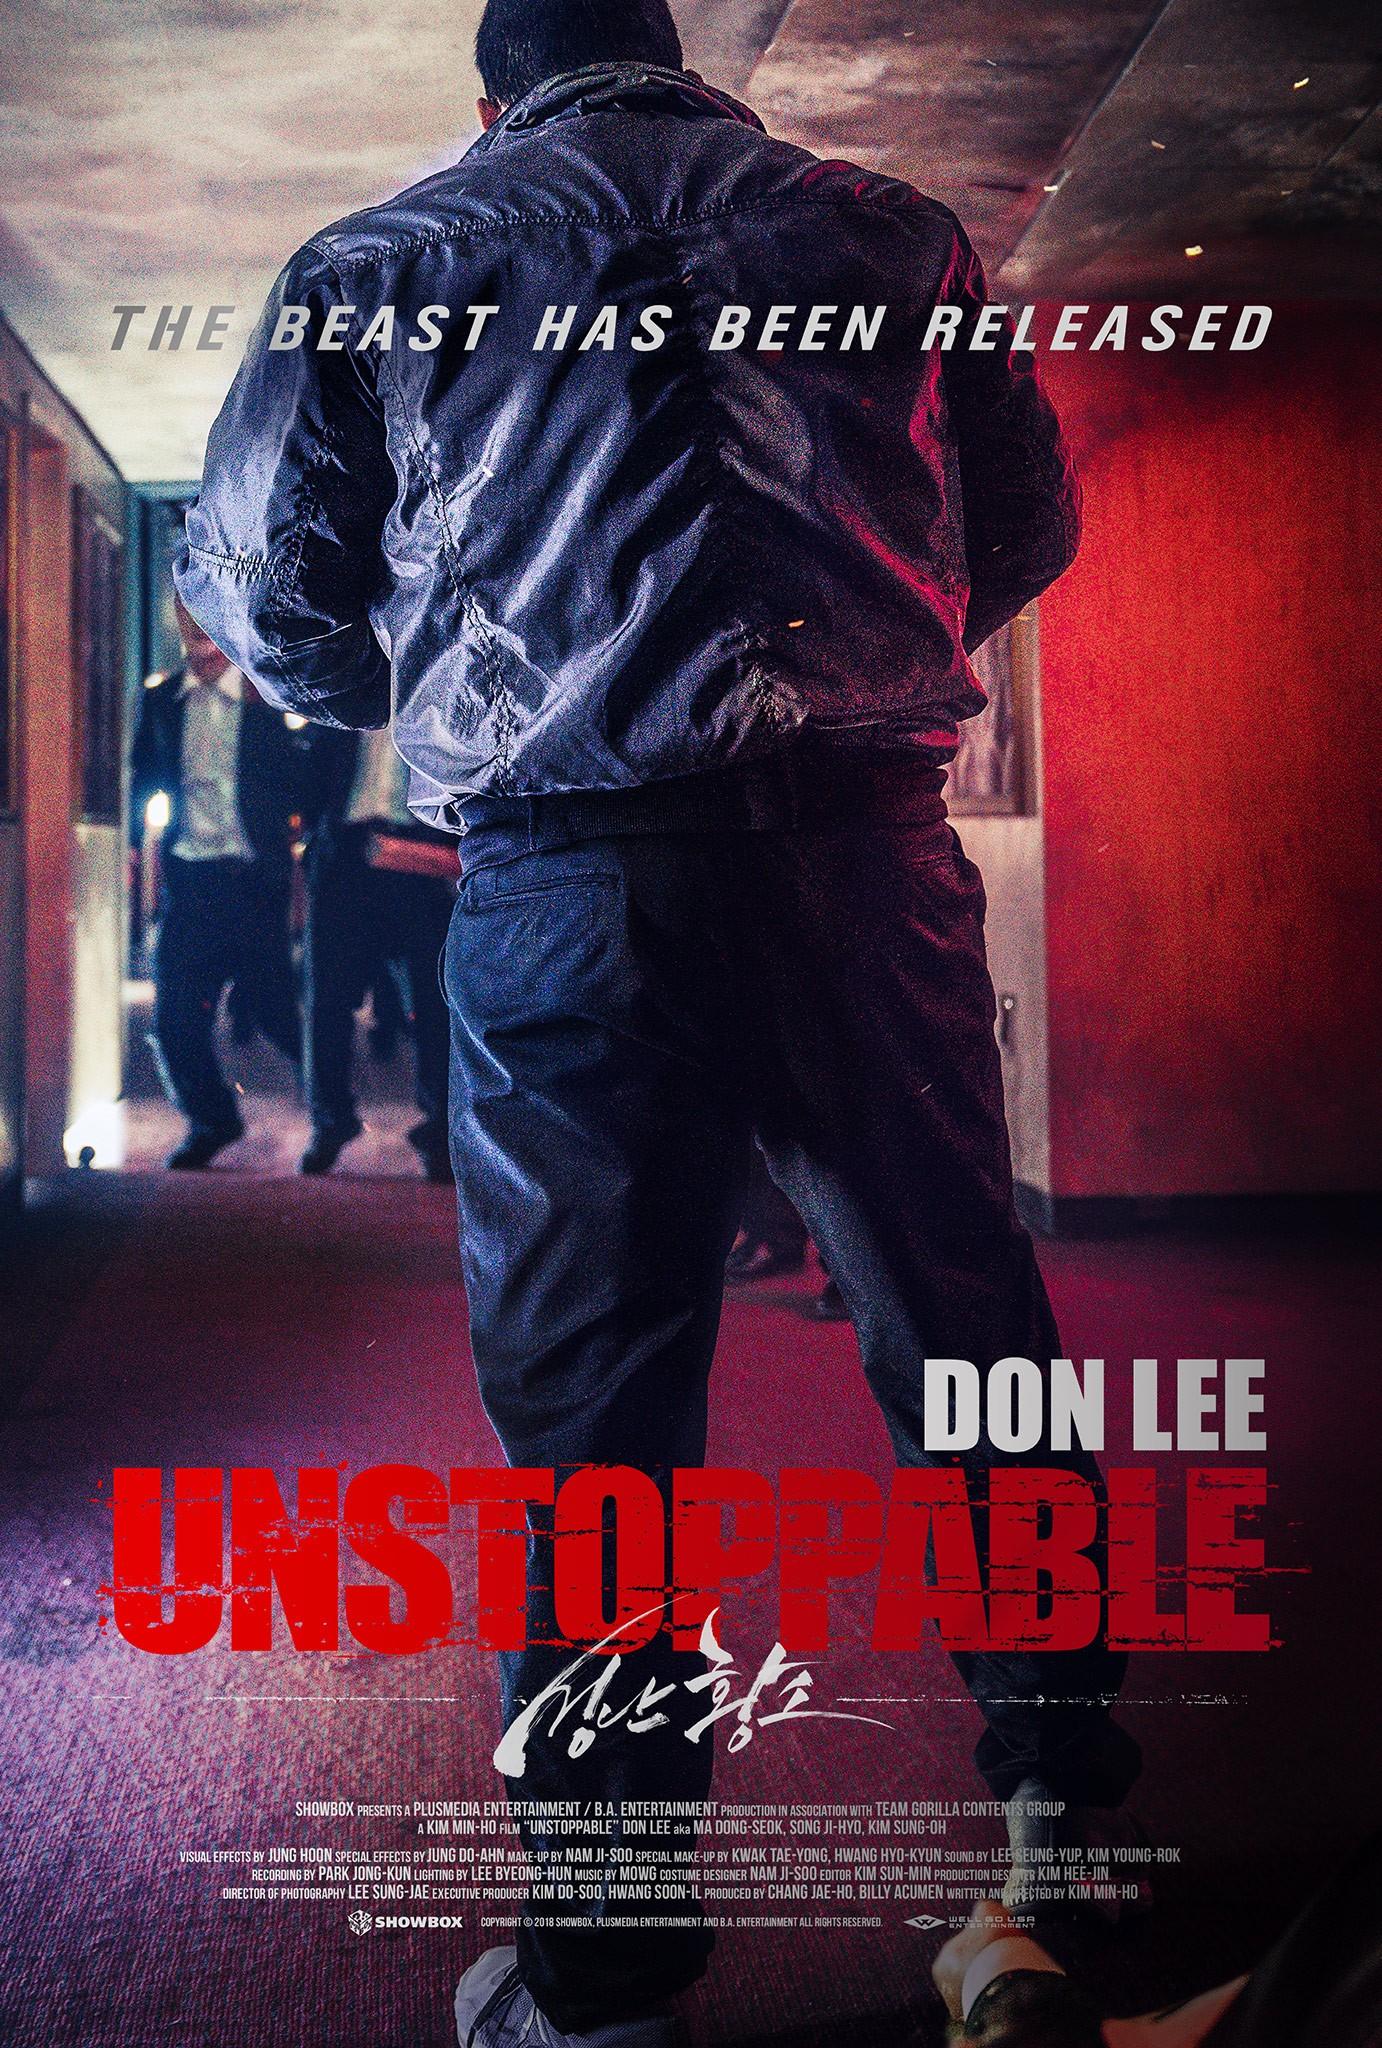 Unstoppable (Seong-nan-hwang-so)